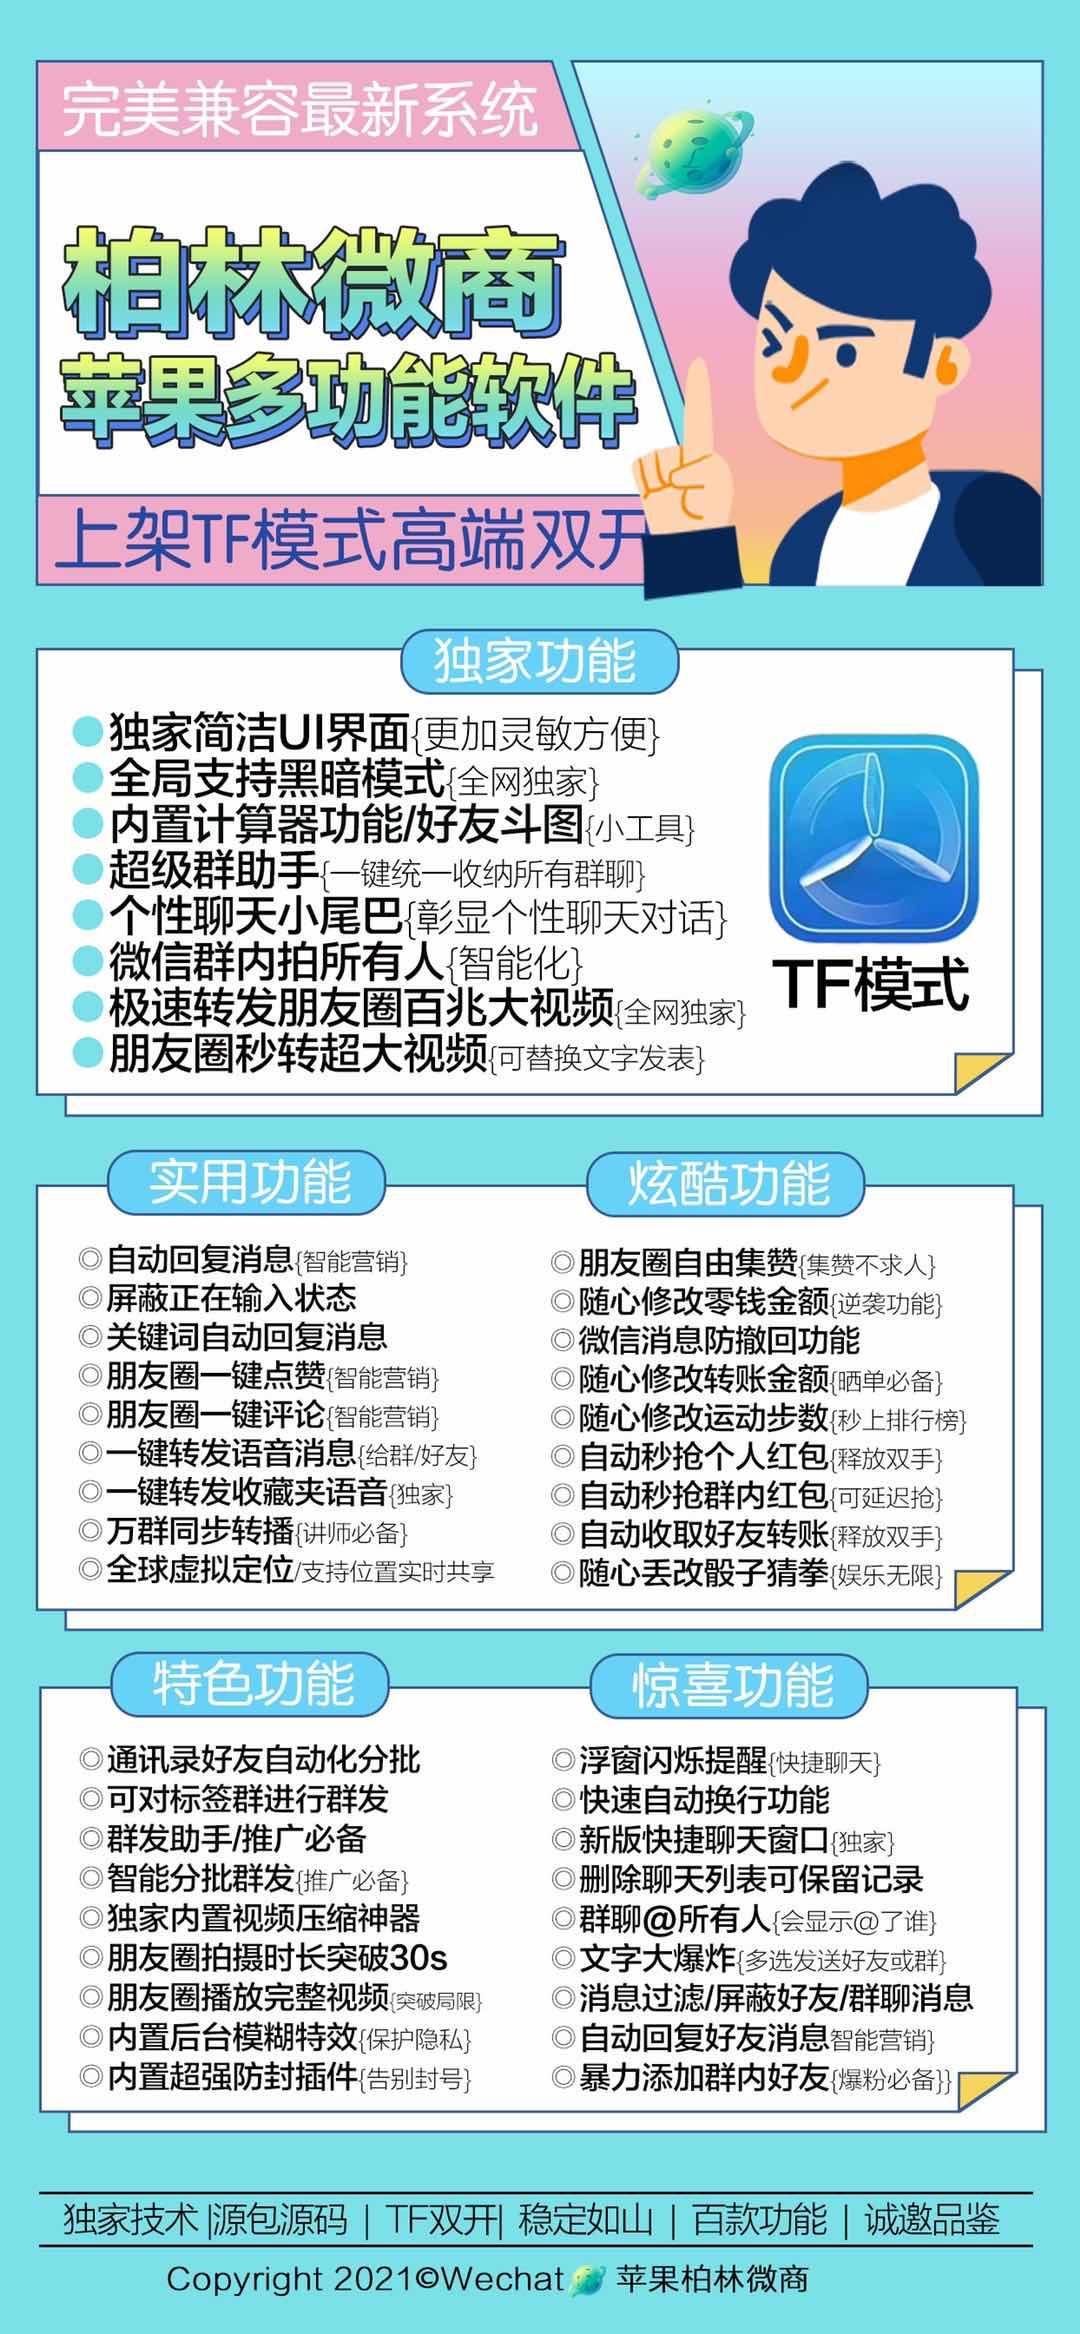 苹果柏林微商原花千骨TF上架【群助手聊天小尾巴转发朋友圈】